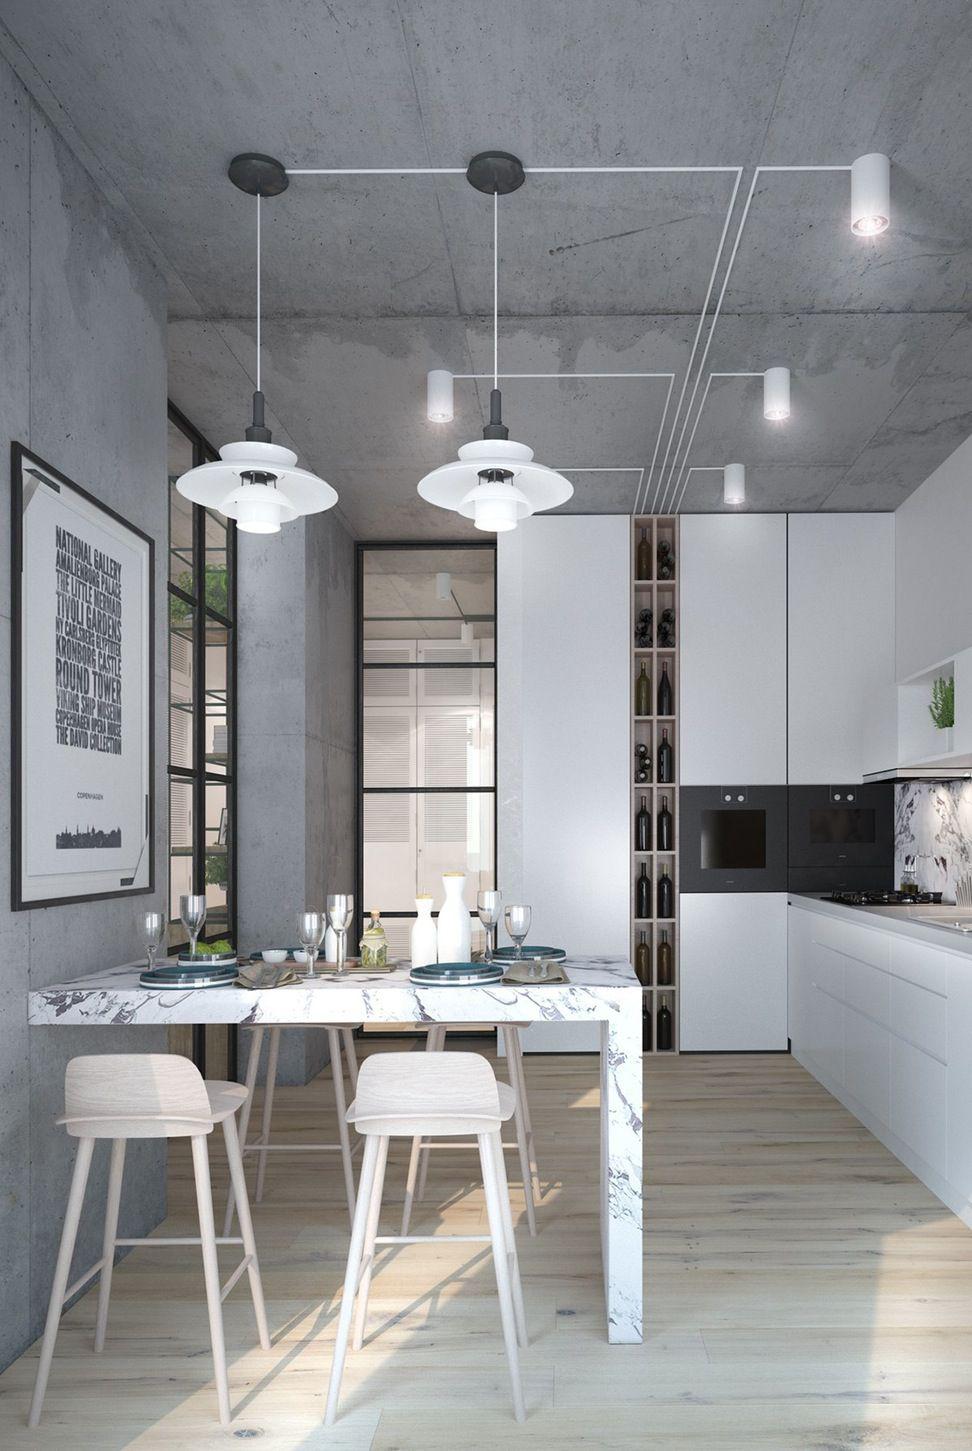 Фото 26 Бетонный потолок в интерьере: 60+ лаконичных идей для дизайна в стиле лофт, минимализм и хай-тек